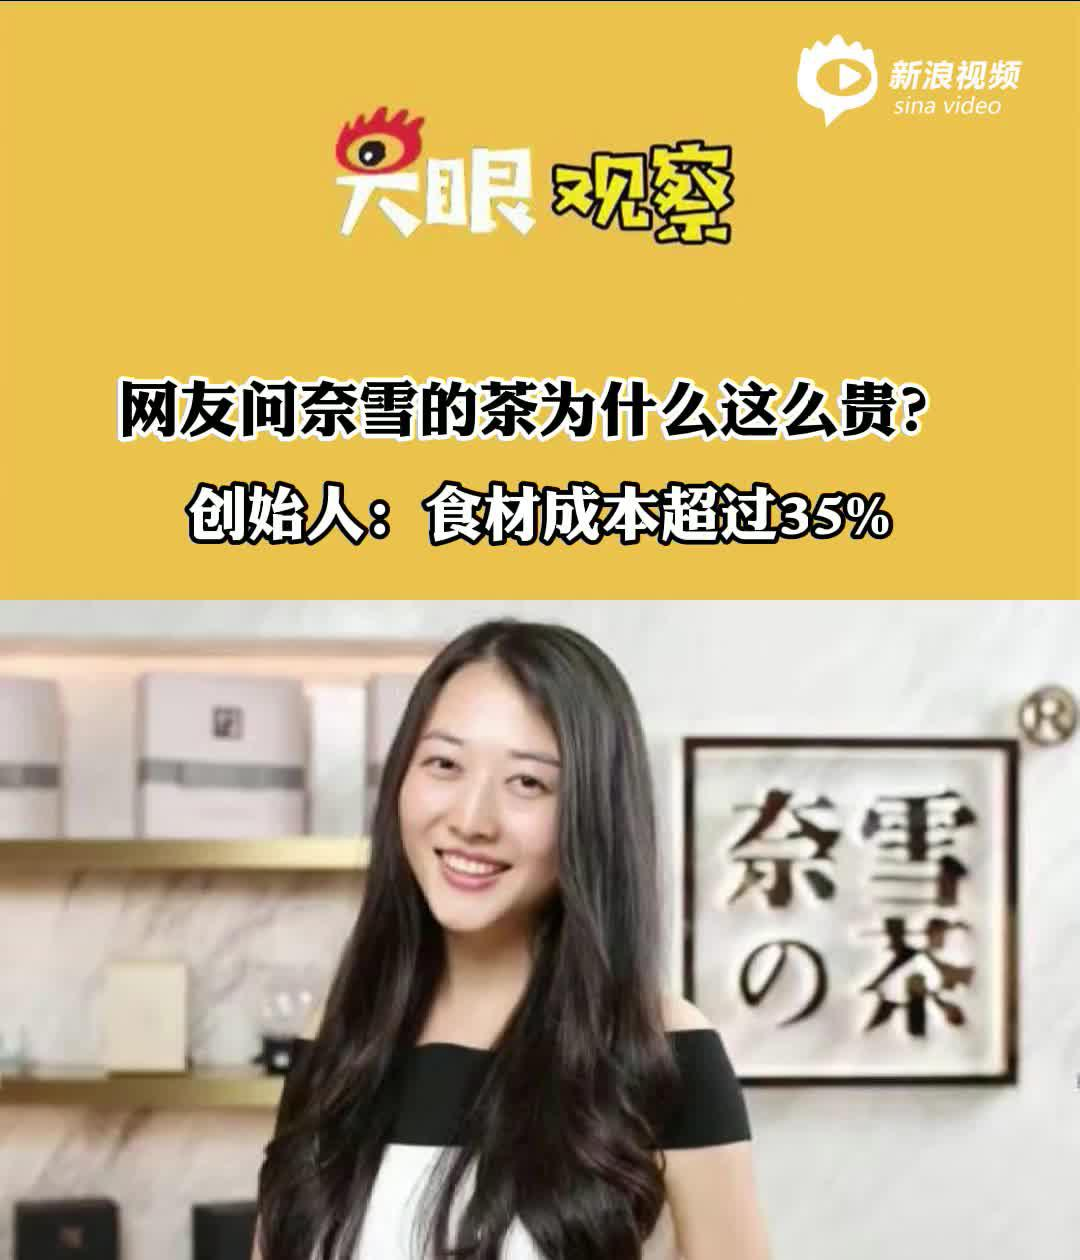 视频丨 网友问奈雪的茶为什么这么贵?创始人:食材成本超过35%